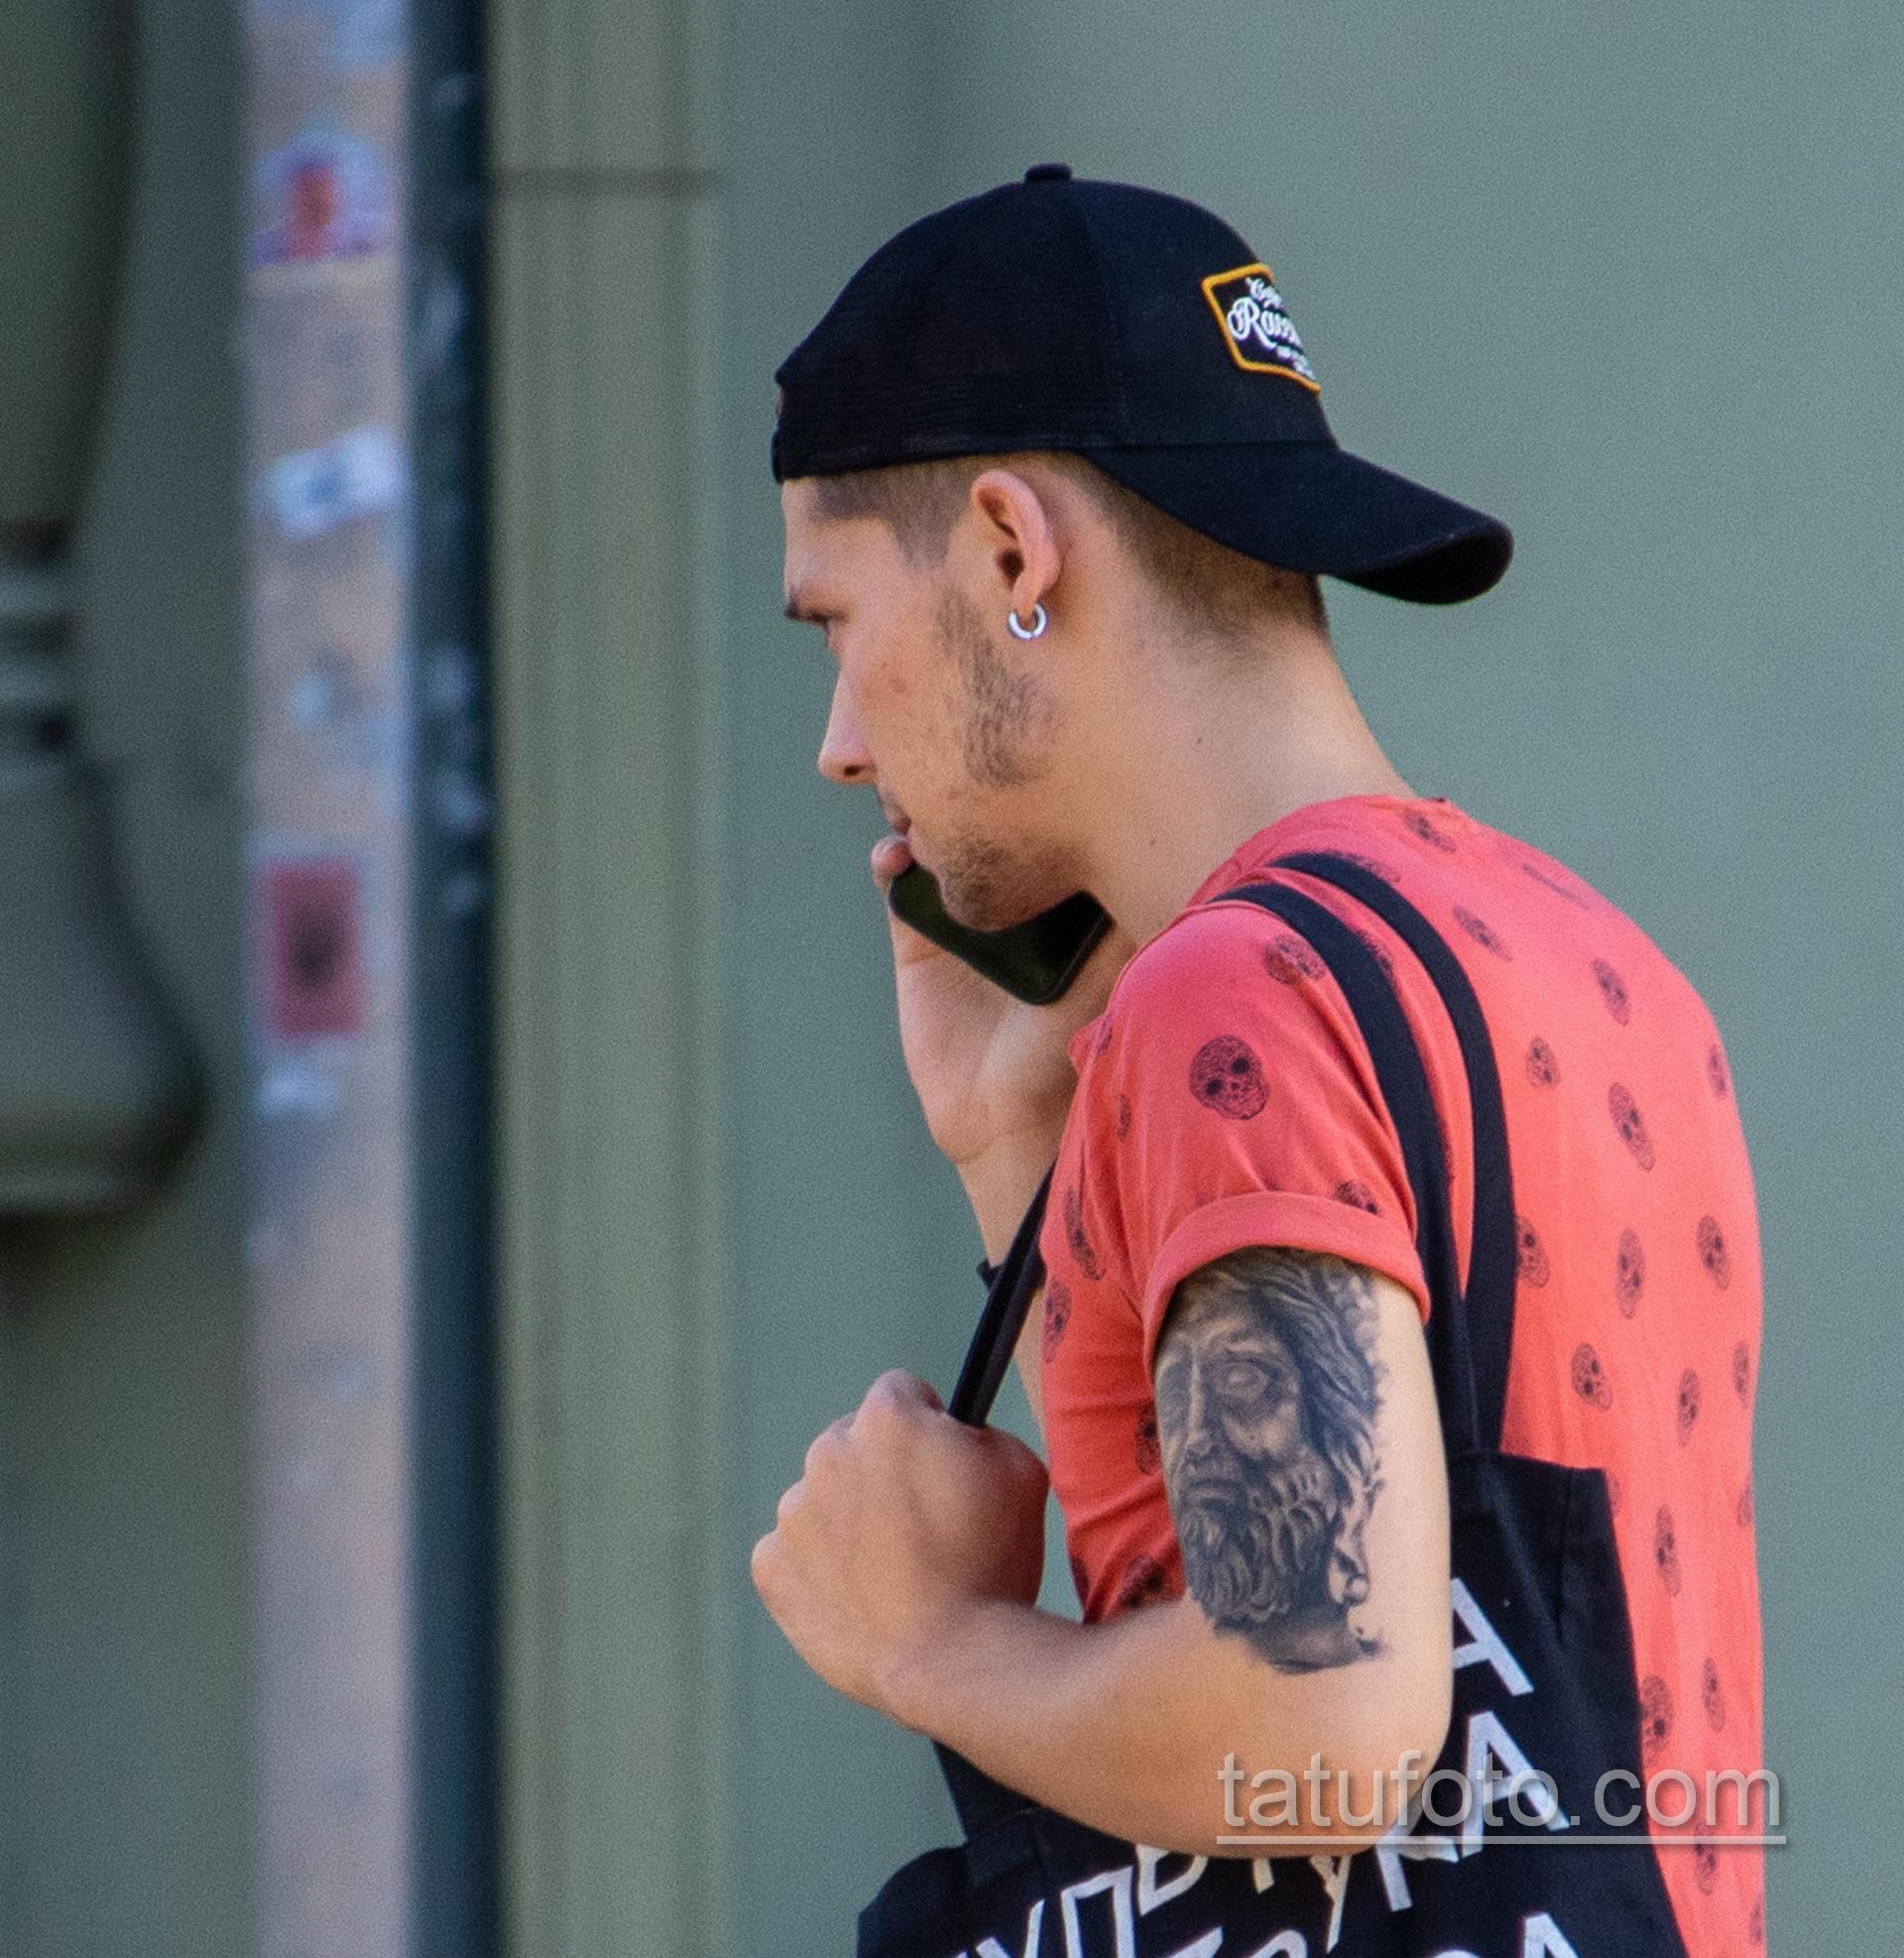 Татуировка с лицом статуи мыслителя на руке парня - Уличная татуировка 14.09.2020 – tatufoto.com 4